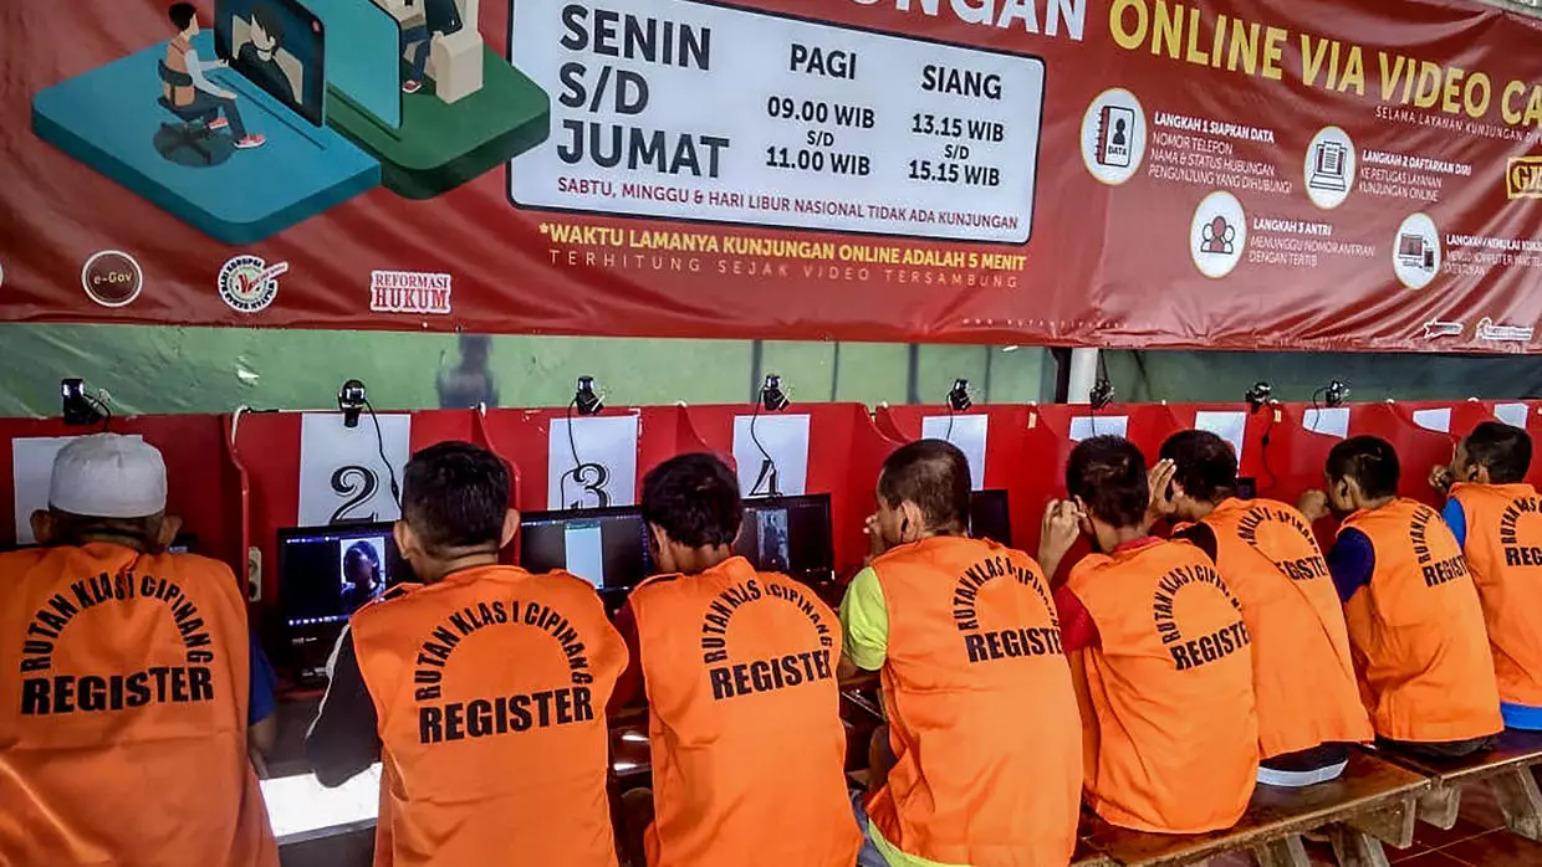 โควิด: อินโดนีเซียปล่อยนักโทษ 18,000 คน ลดเสี่ยงโรคระบาดในเรือนจำ